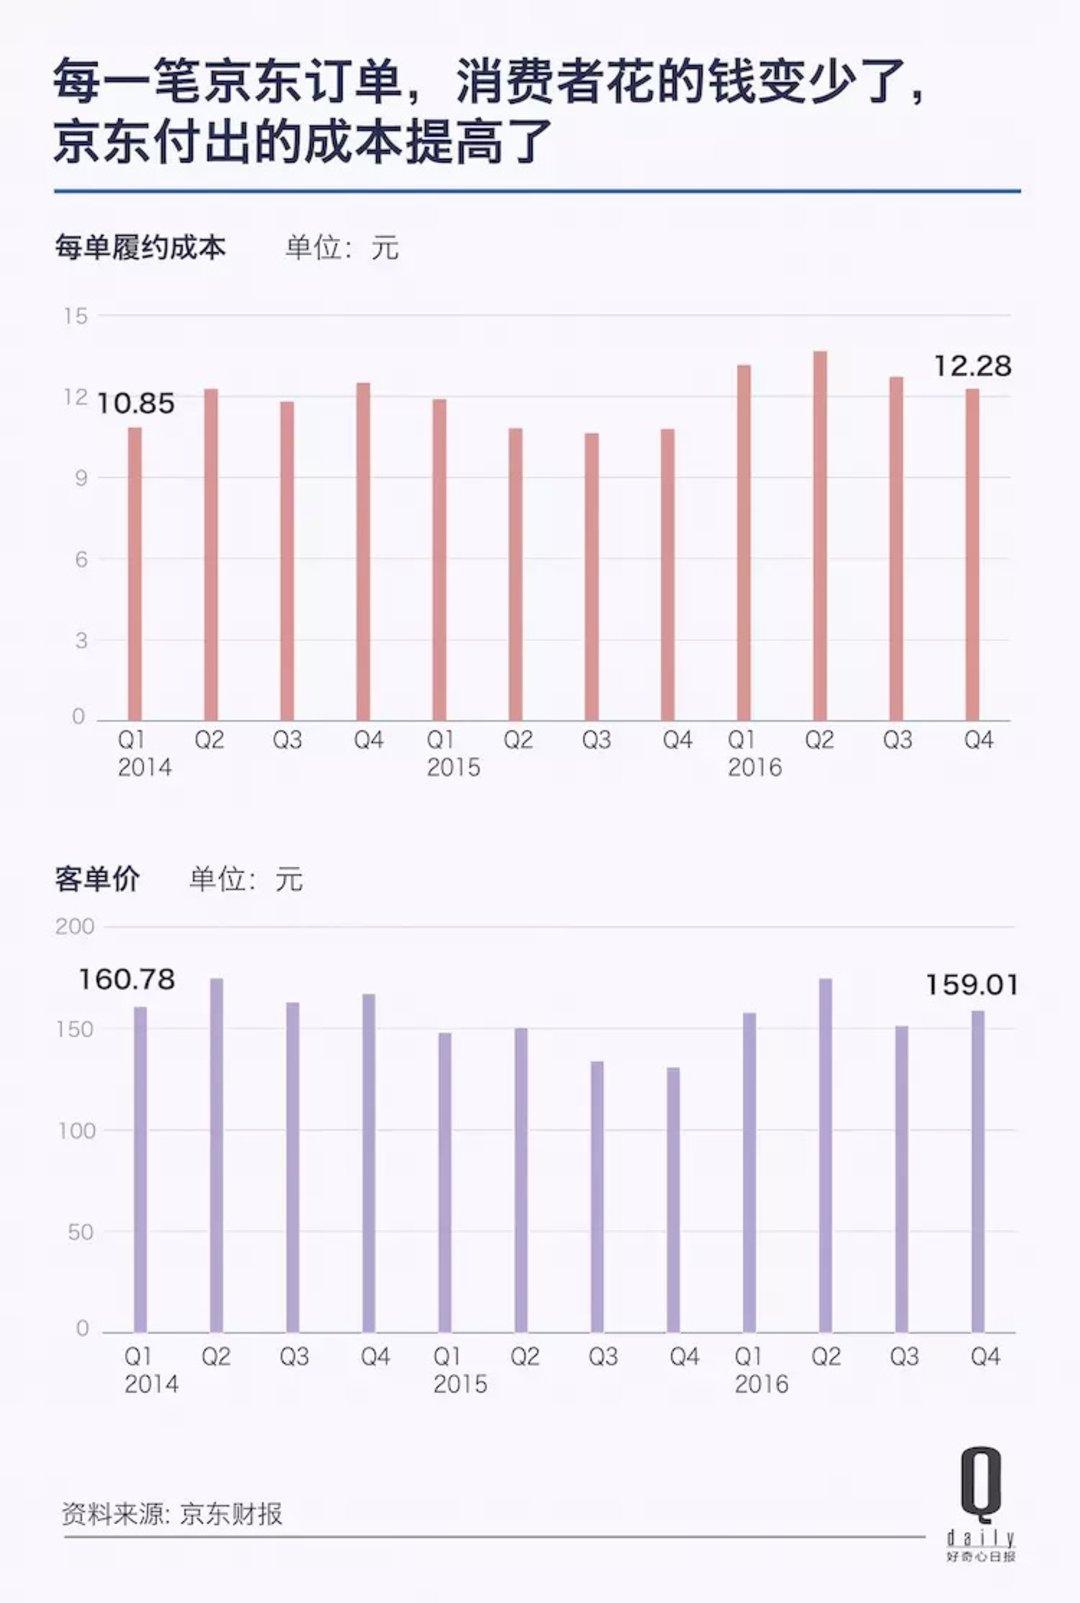 京东市值眼看就要追上百度了,10 张图告诉你中国互联网公司的此消彼长_智能_好奇心日报